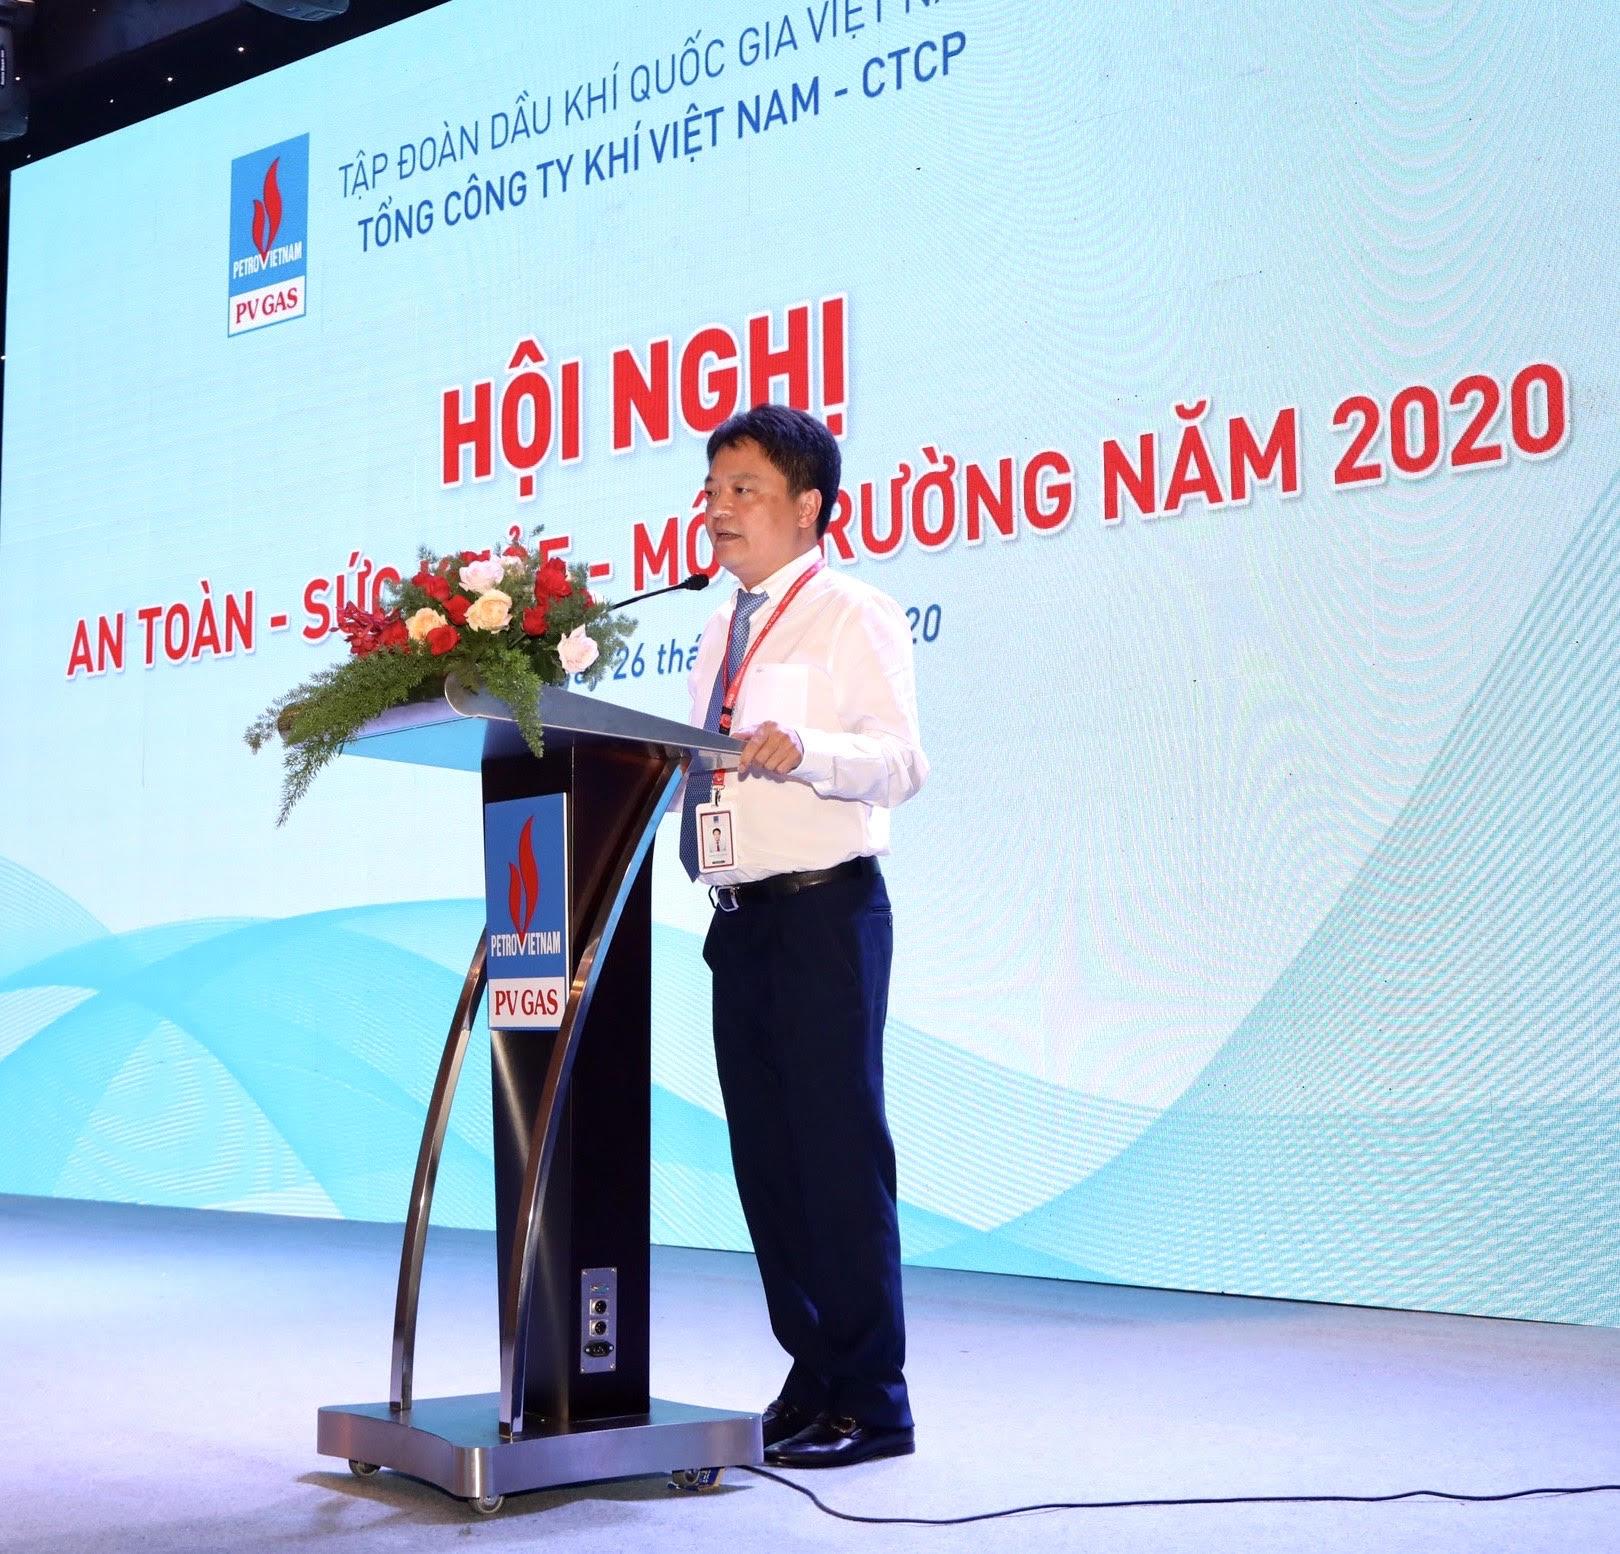 Ông Hoàng Văn Quang PTGĐ PV GAS kết luận Hội nghị